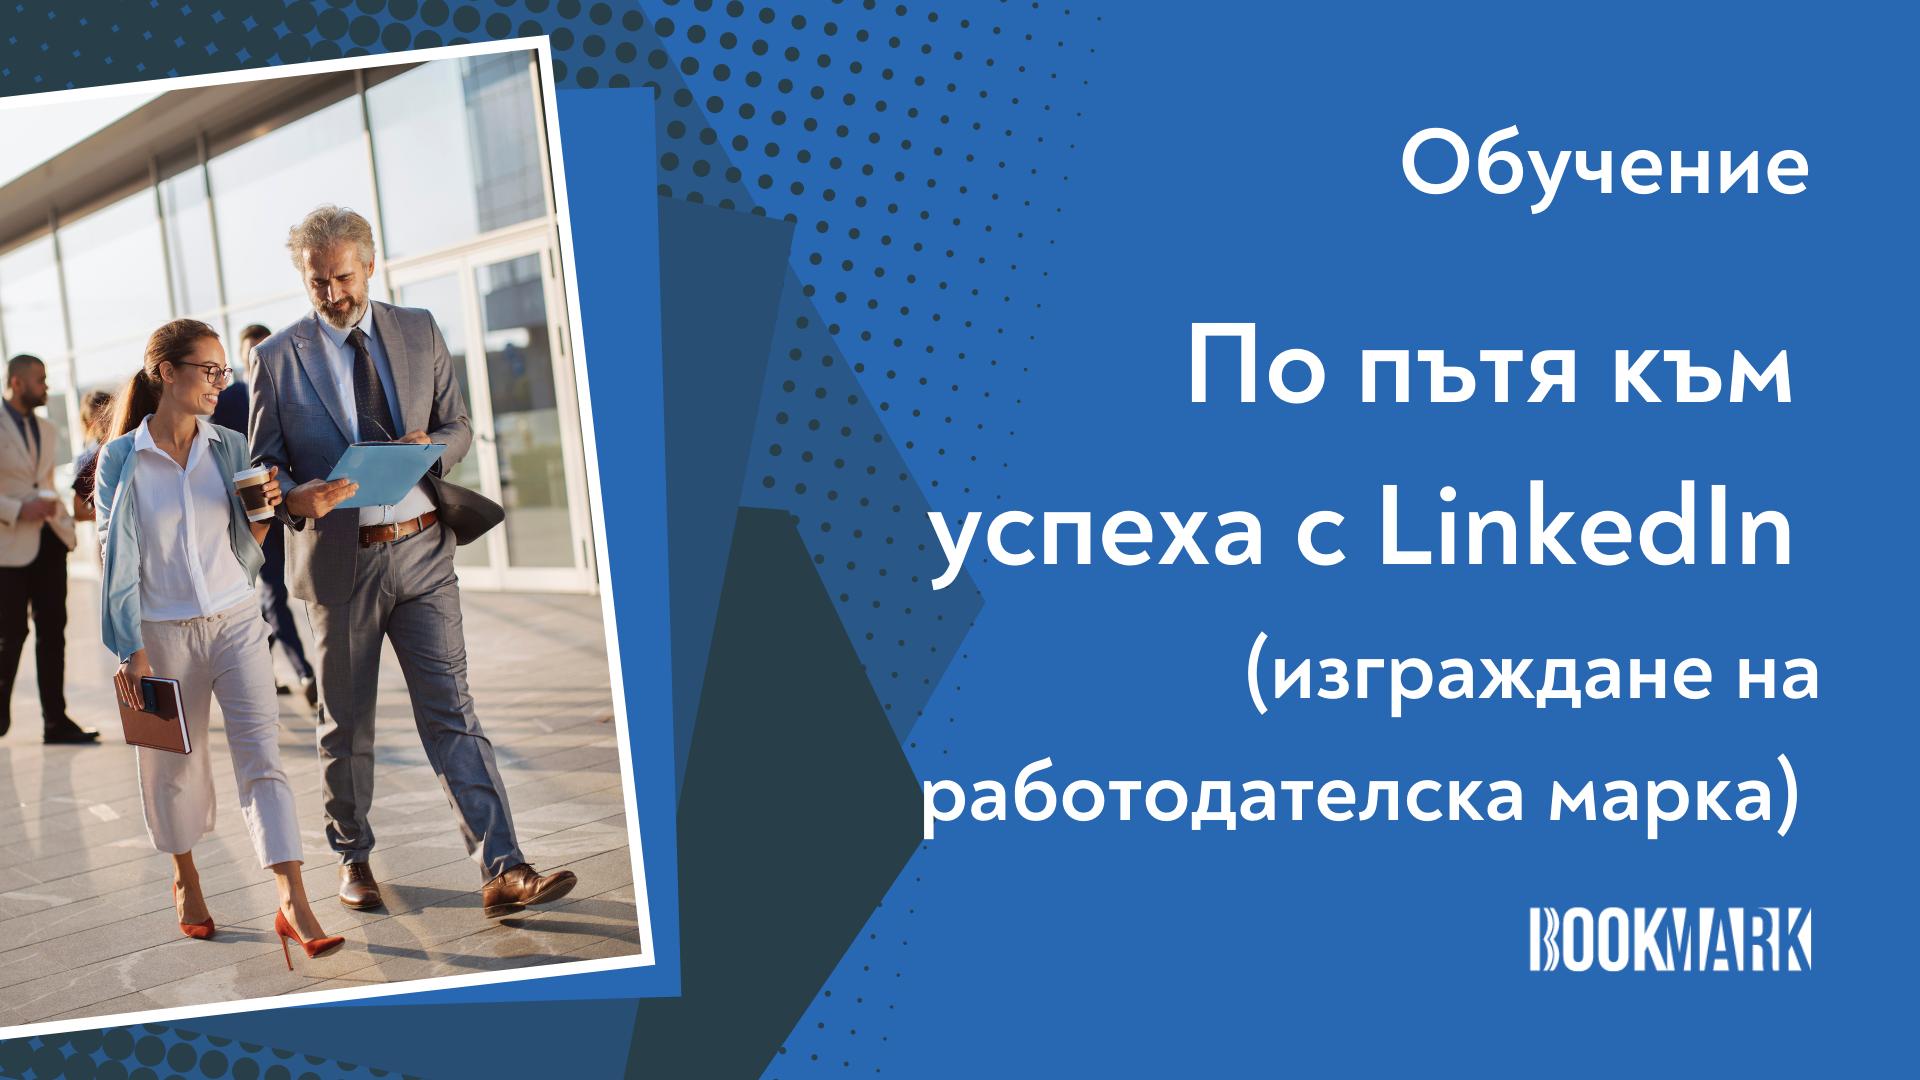 """Обучение """"По пътя към успеха с LinkedIn"""" с фокус изграждане на работодателска марка"""